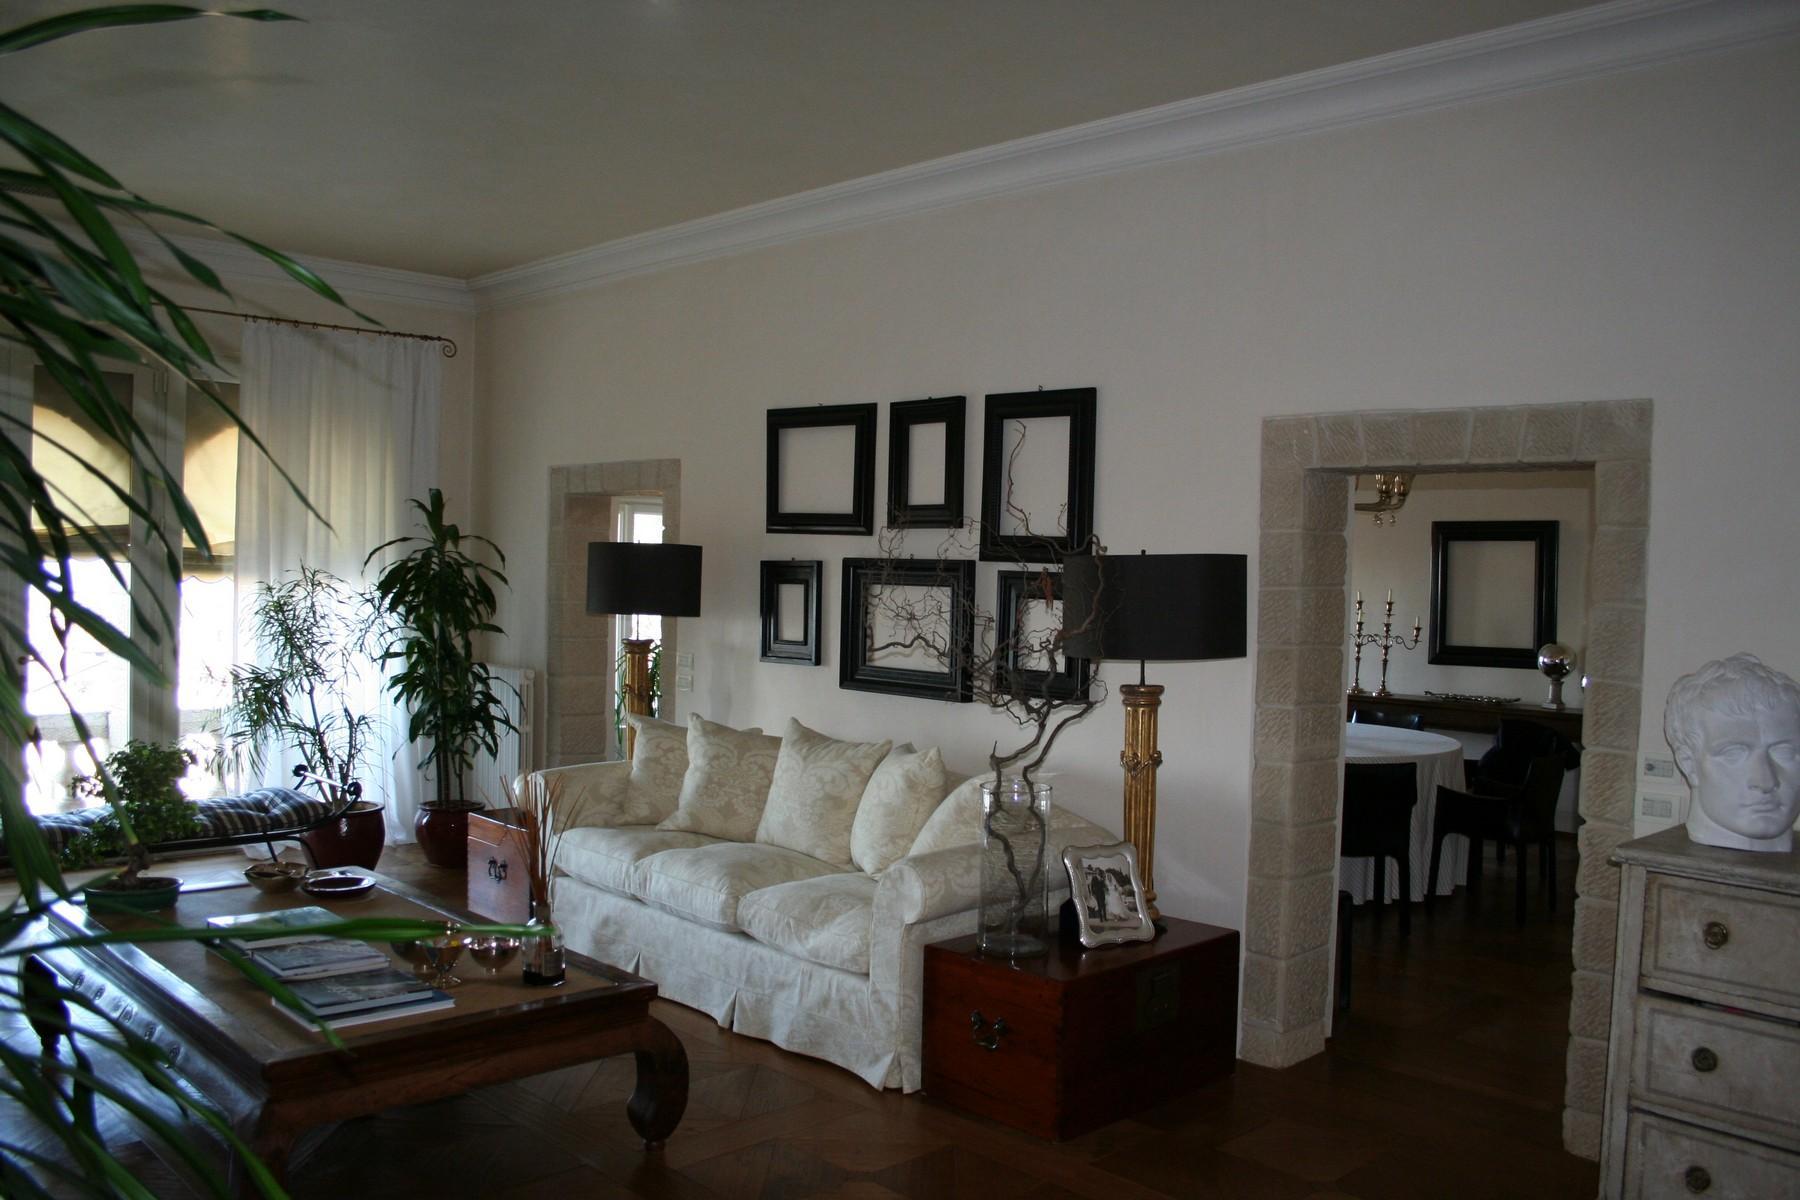 雄伟的威尼斯式别墅内的绝妙阁楼 - 8